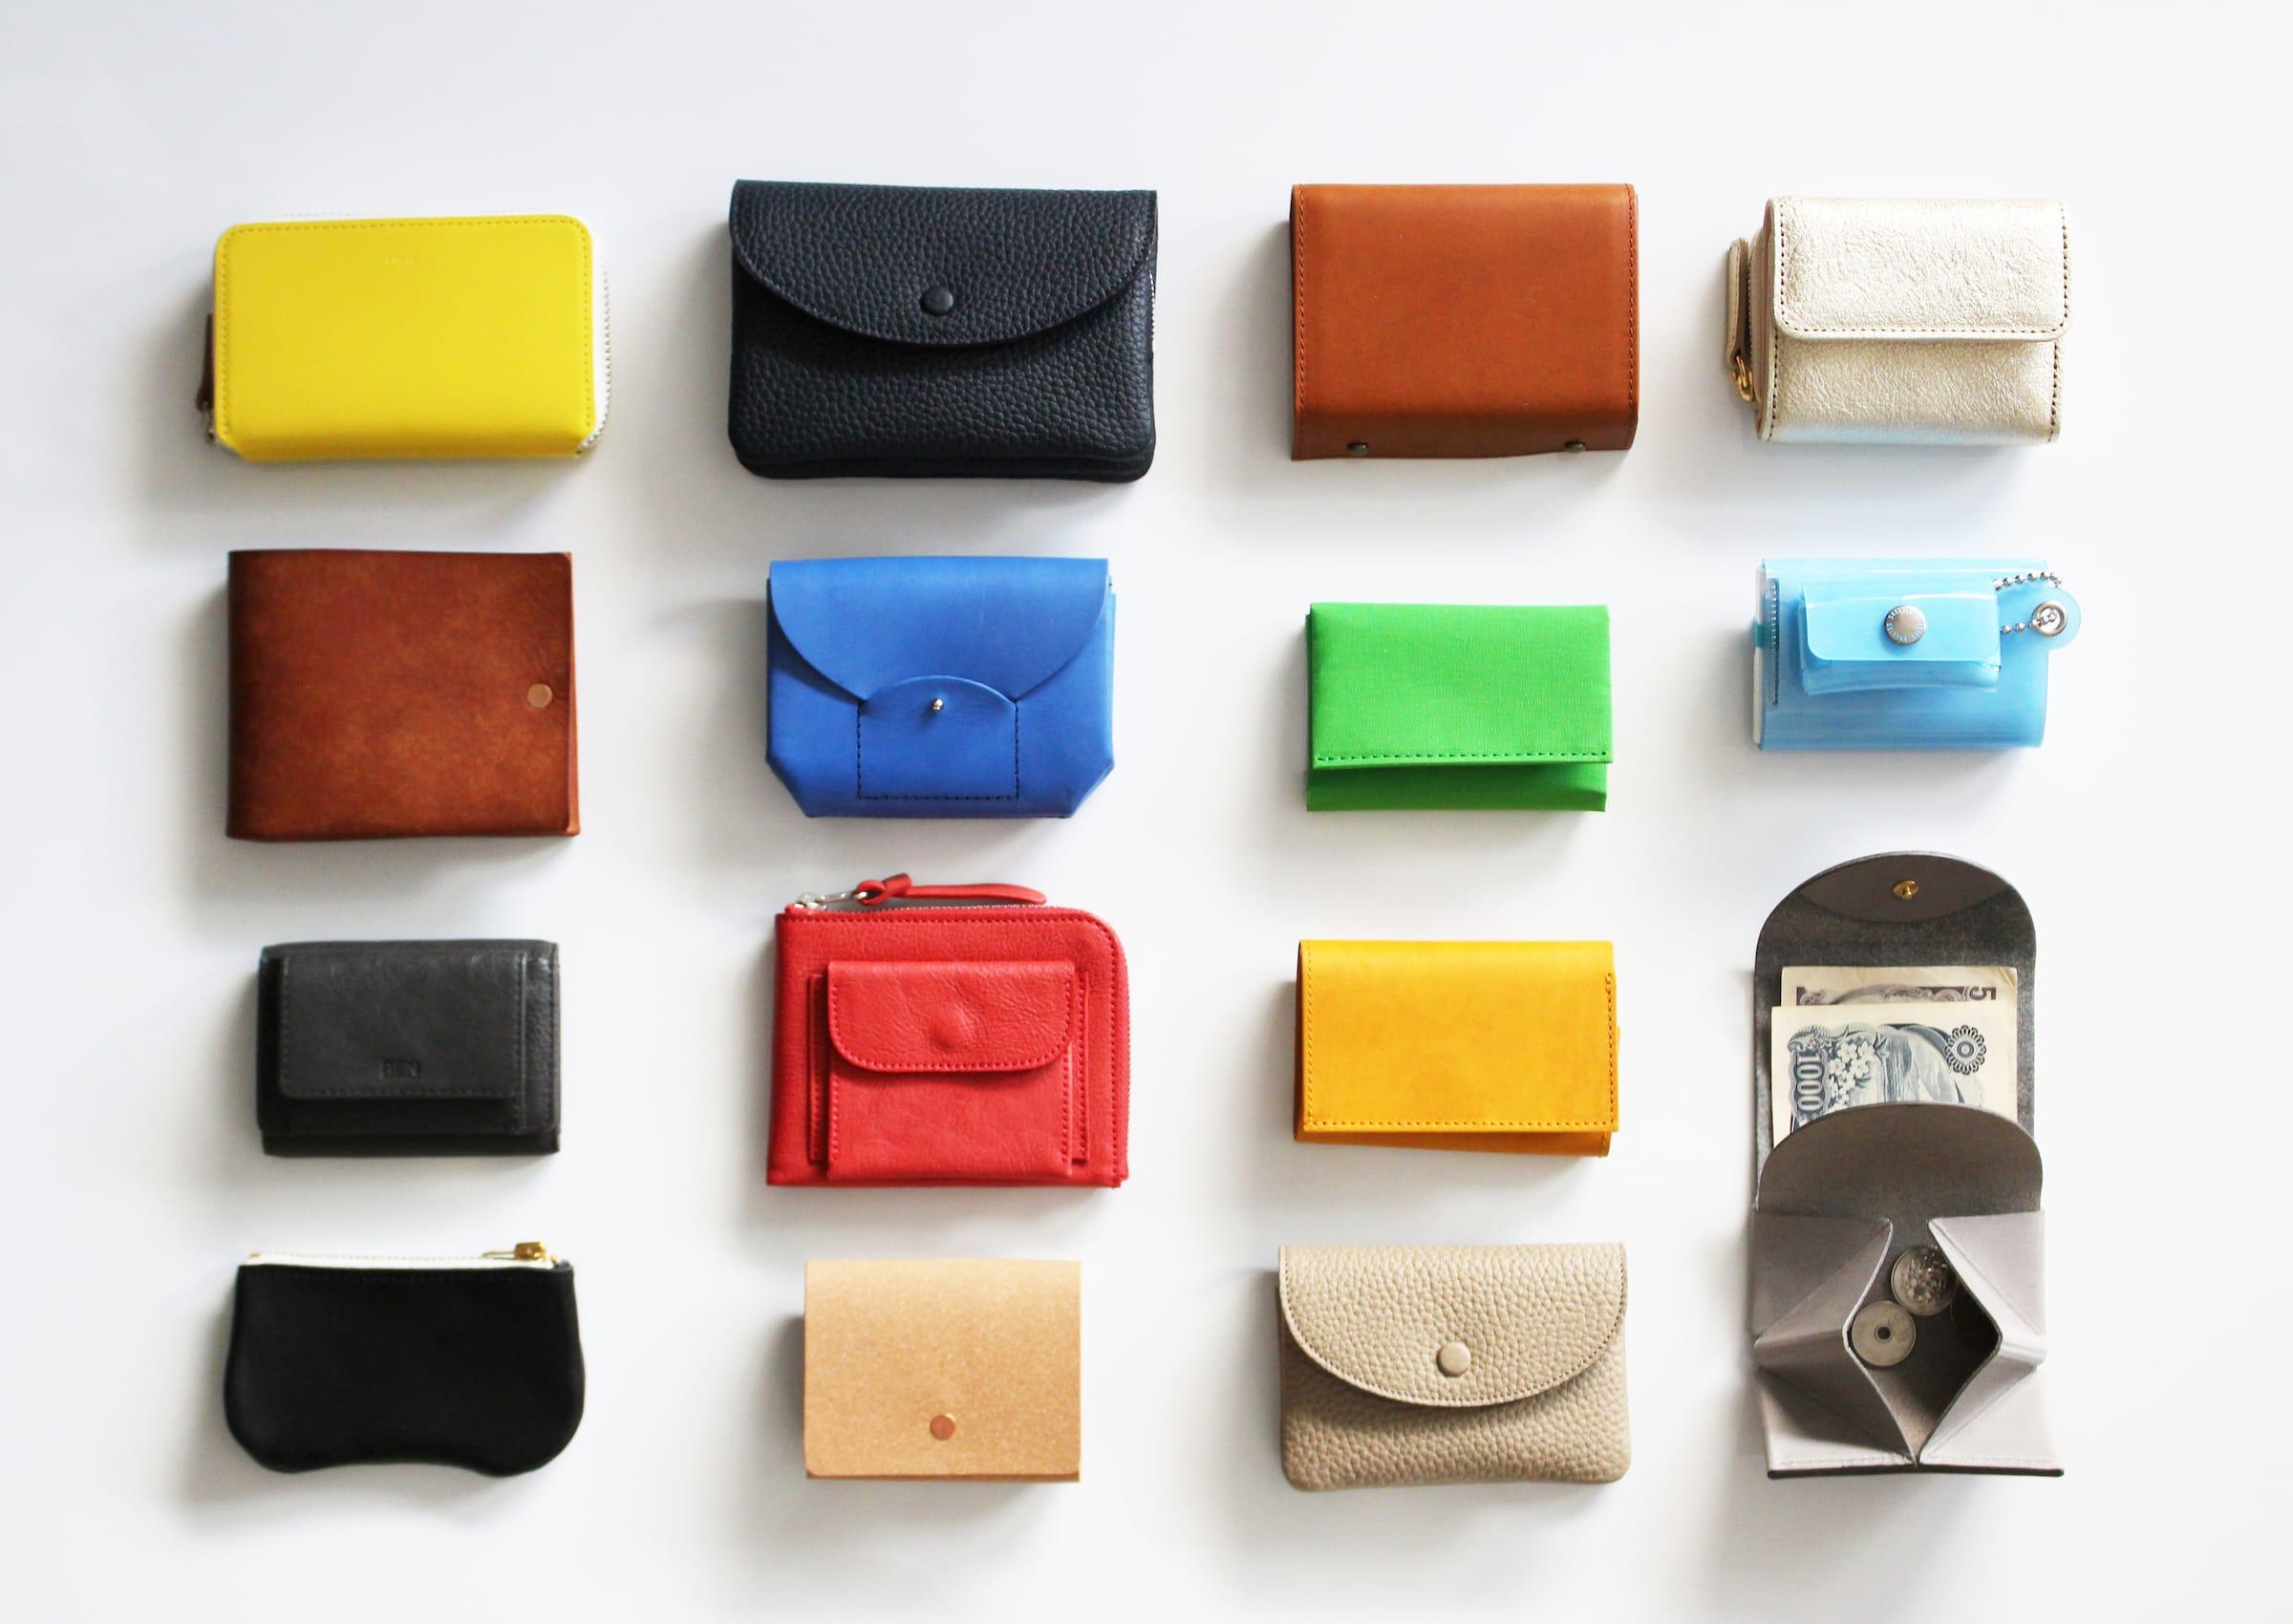 d881b1571e4d 人気の「小さな財布展」が自由が丘で再び開催、10ブランド以上が集結